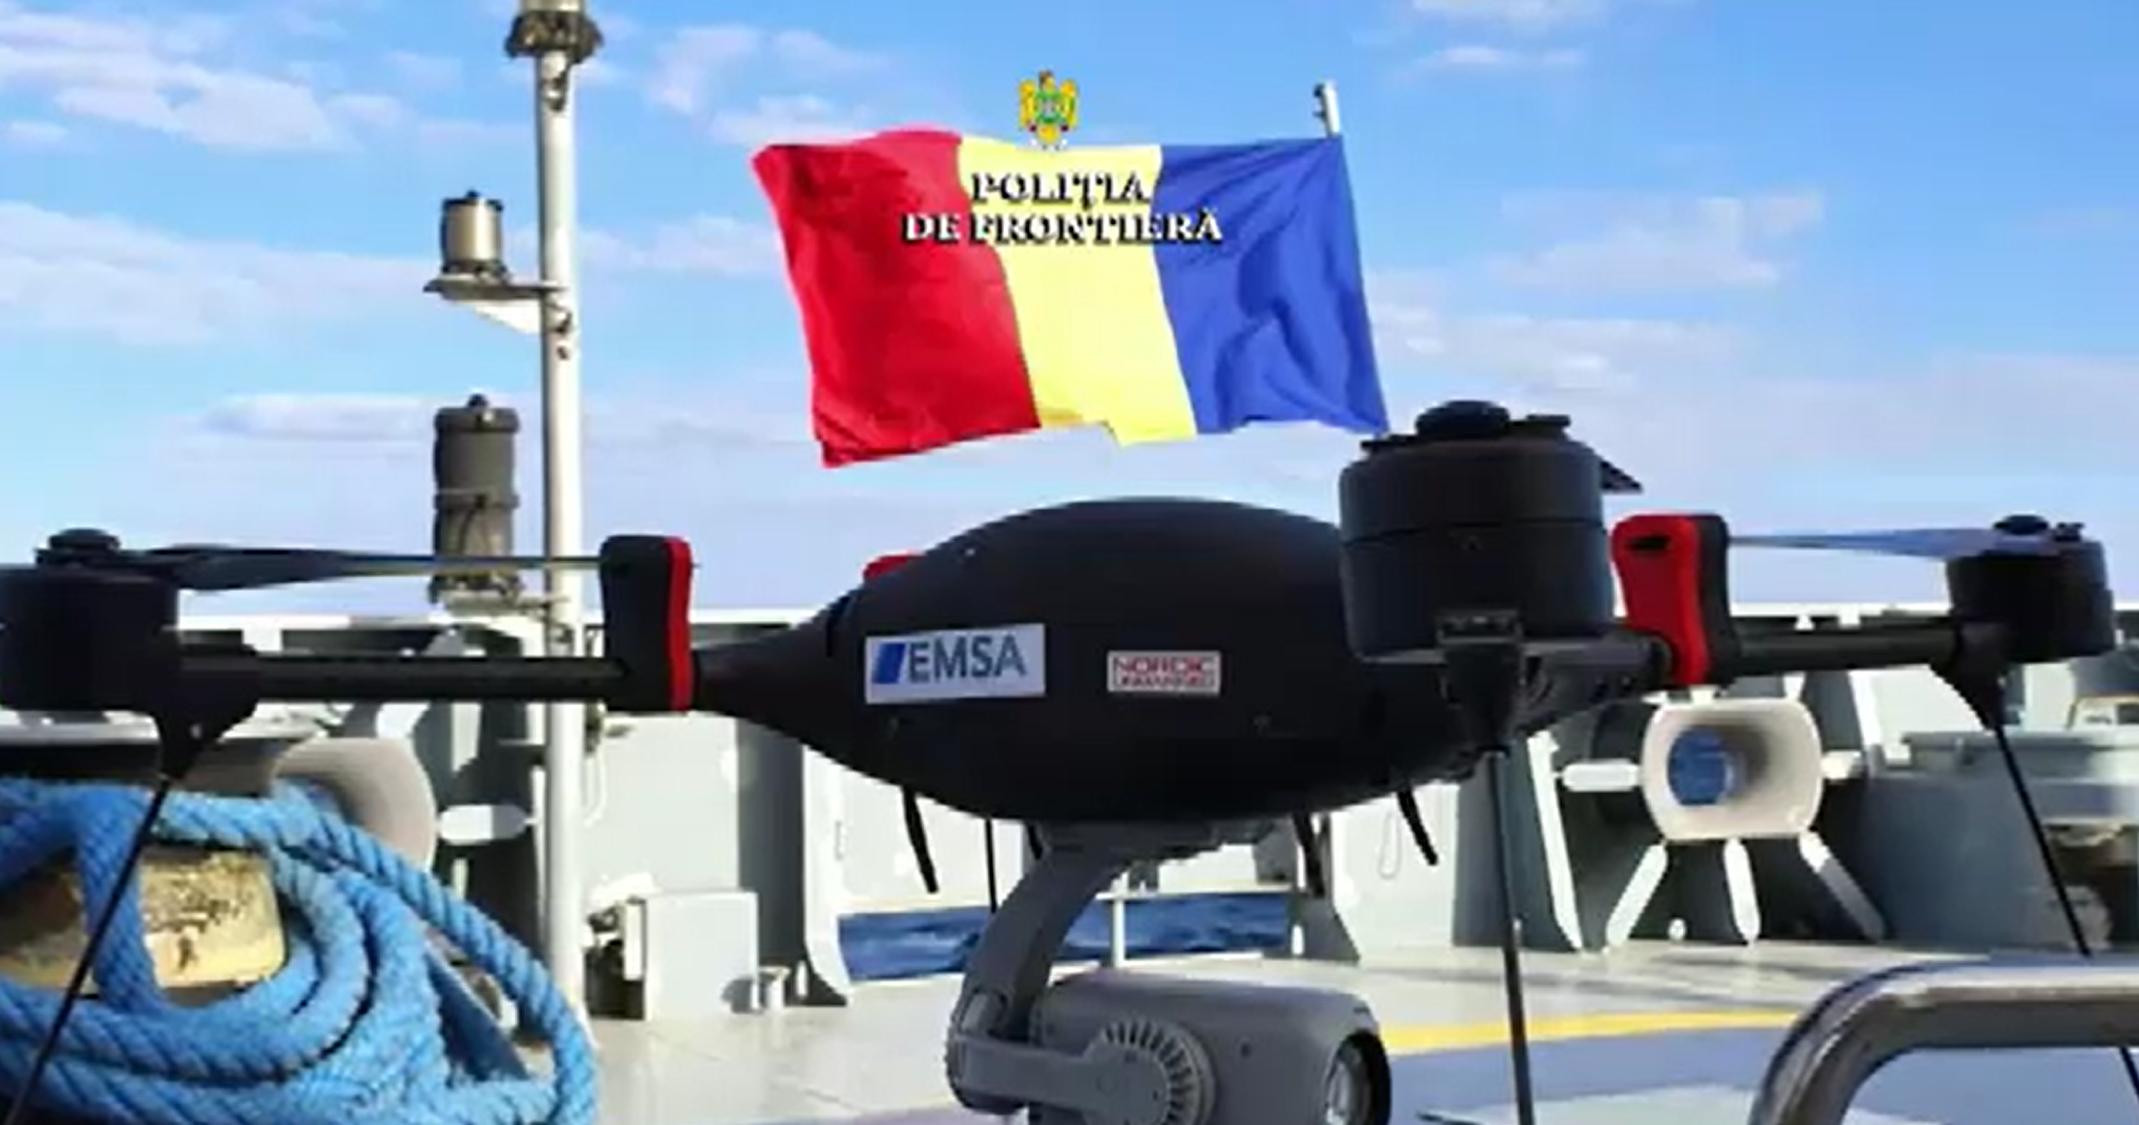 Poliția de Frontieră, dotată cu o dronă în valoare de 100.000 €. De ce echipamente dispune